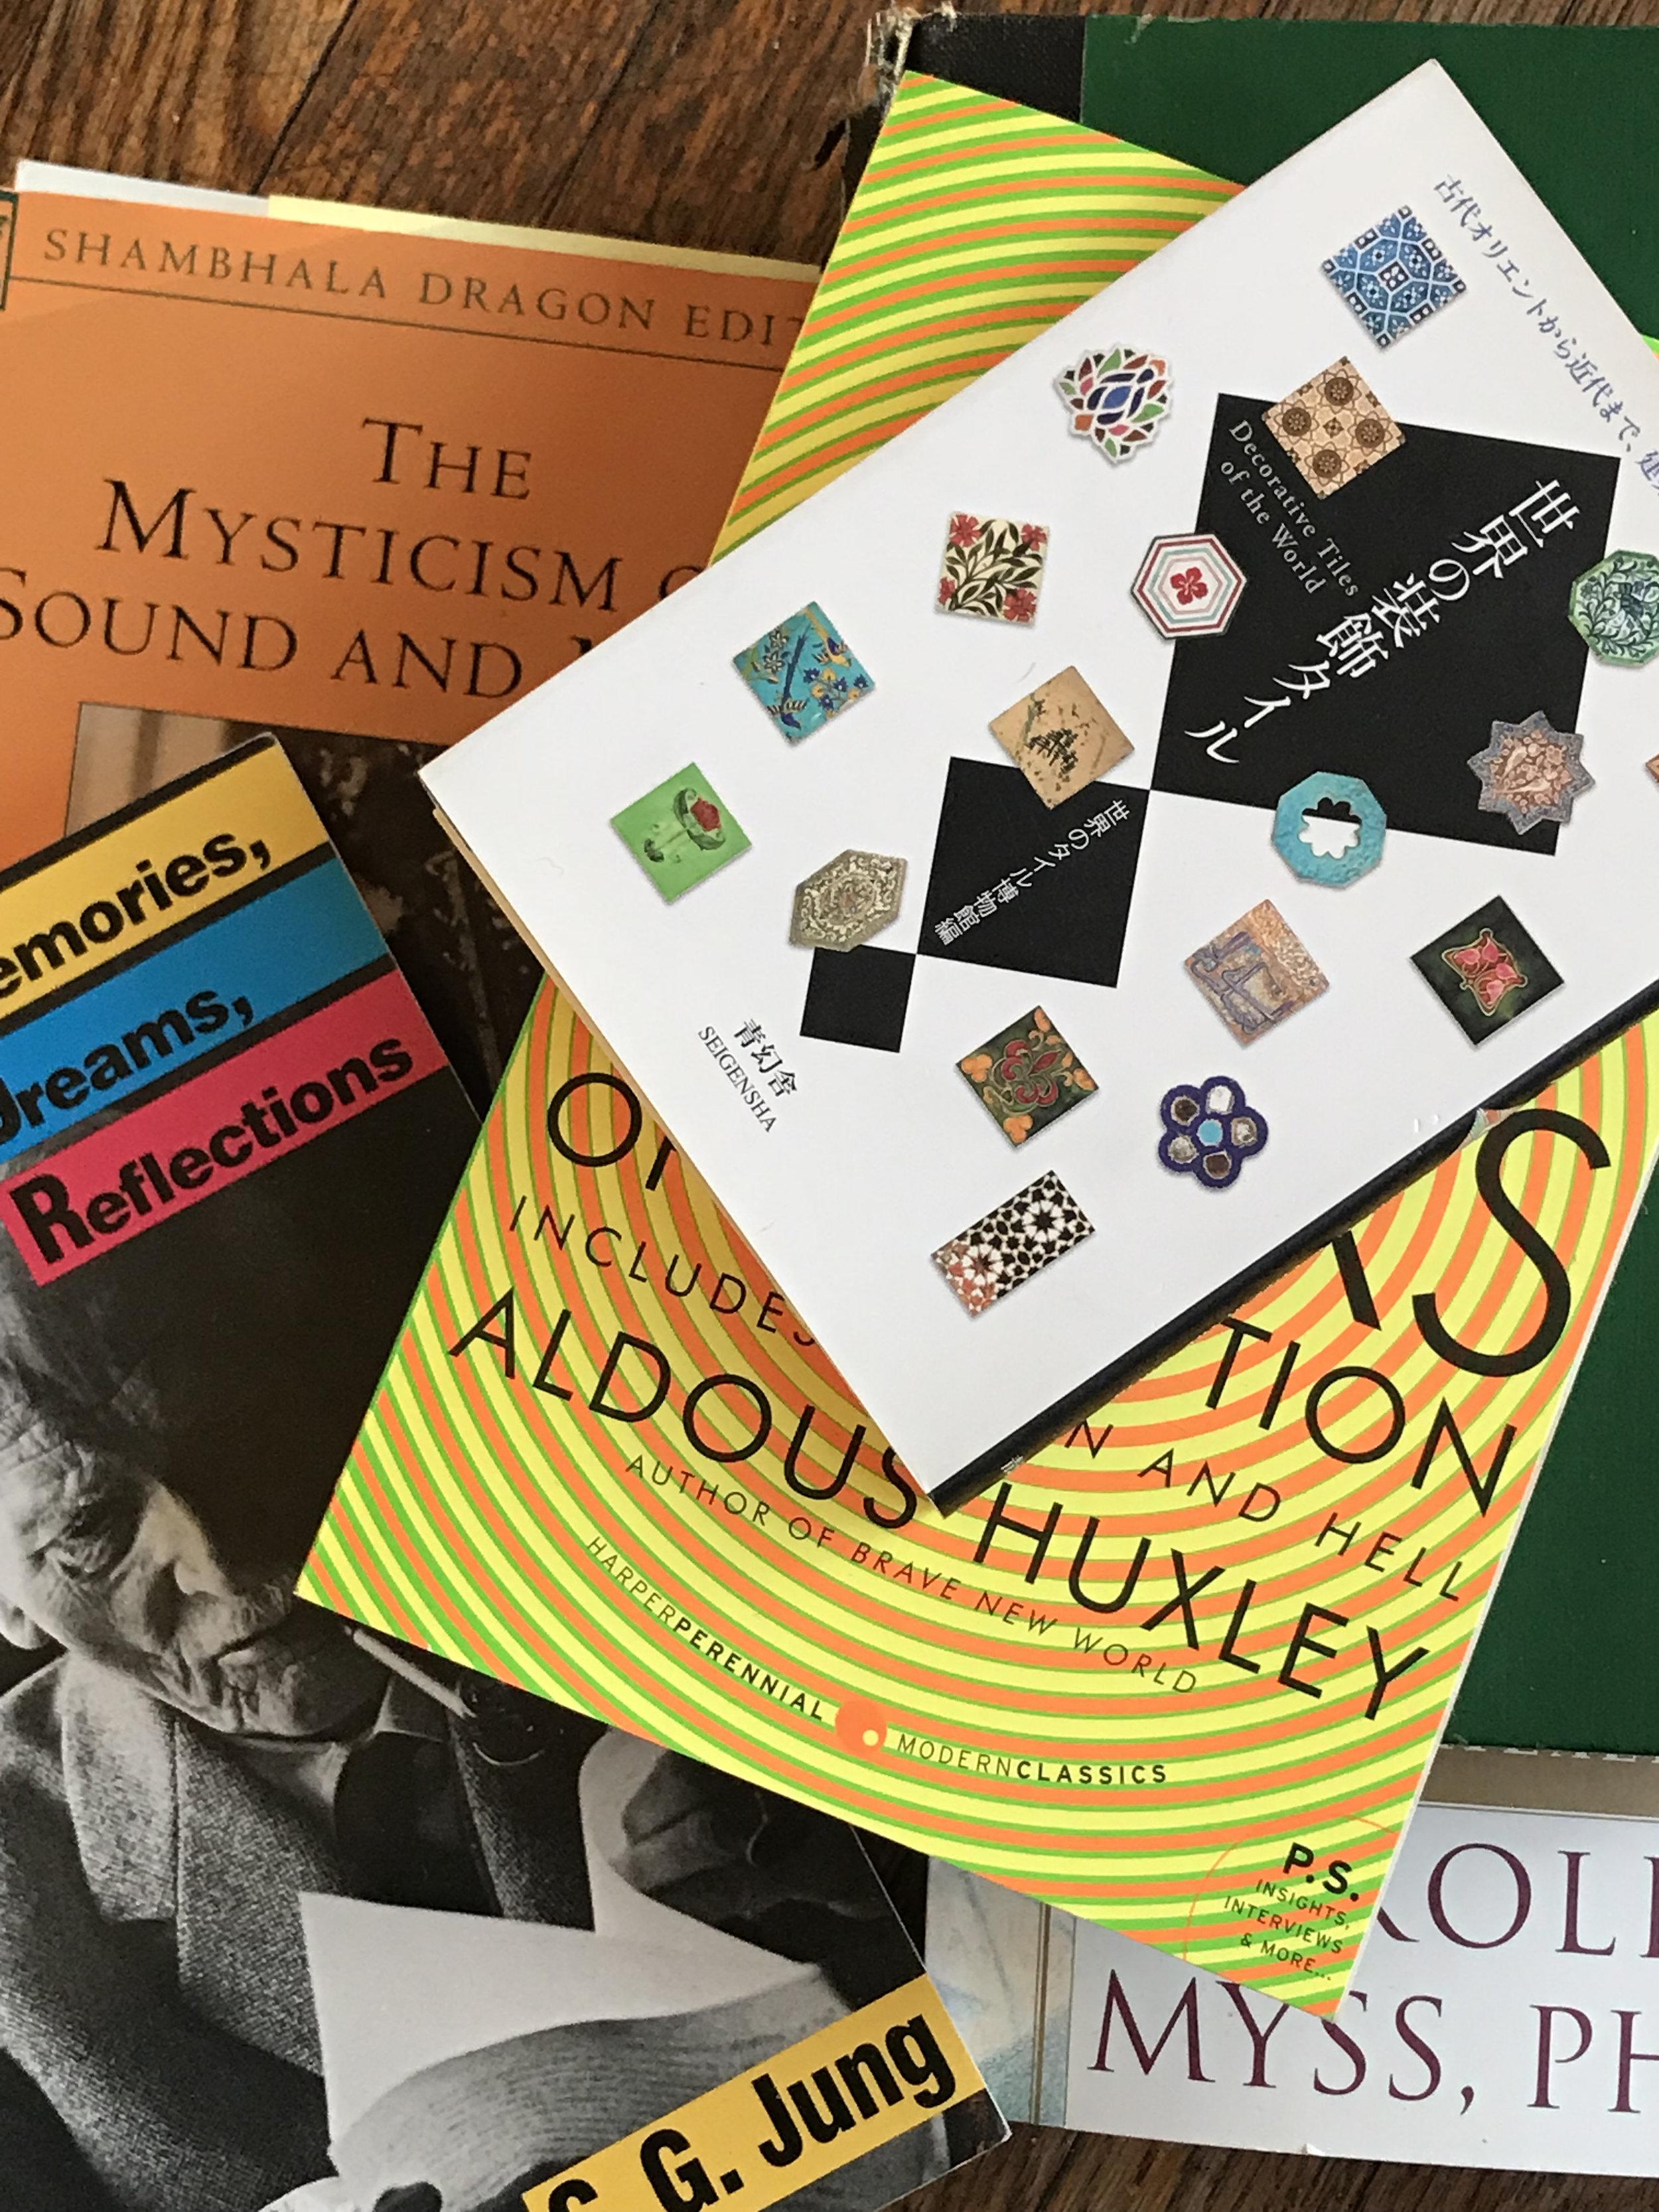 Krishnamurti, Aldous Huxley, Sufism, Private Collection by Neave Bozorgi